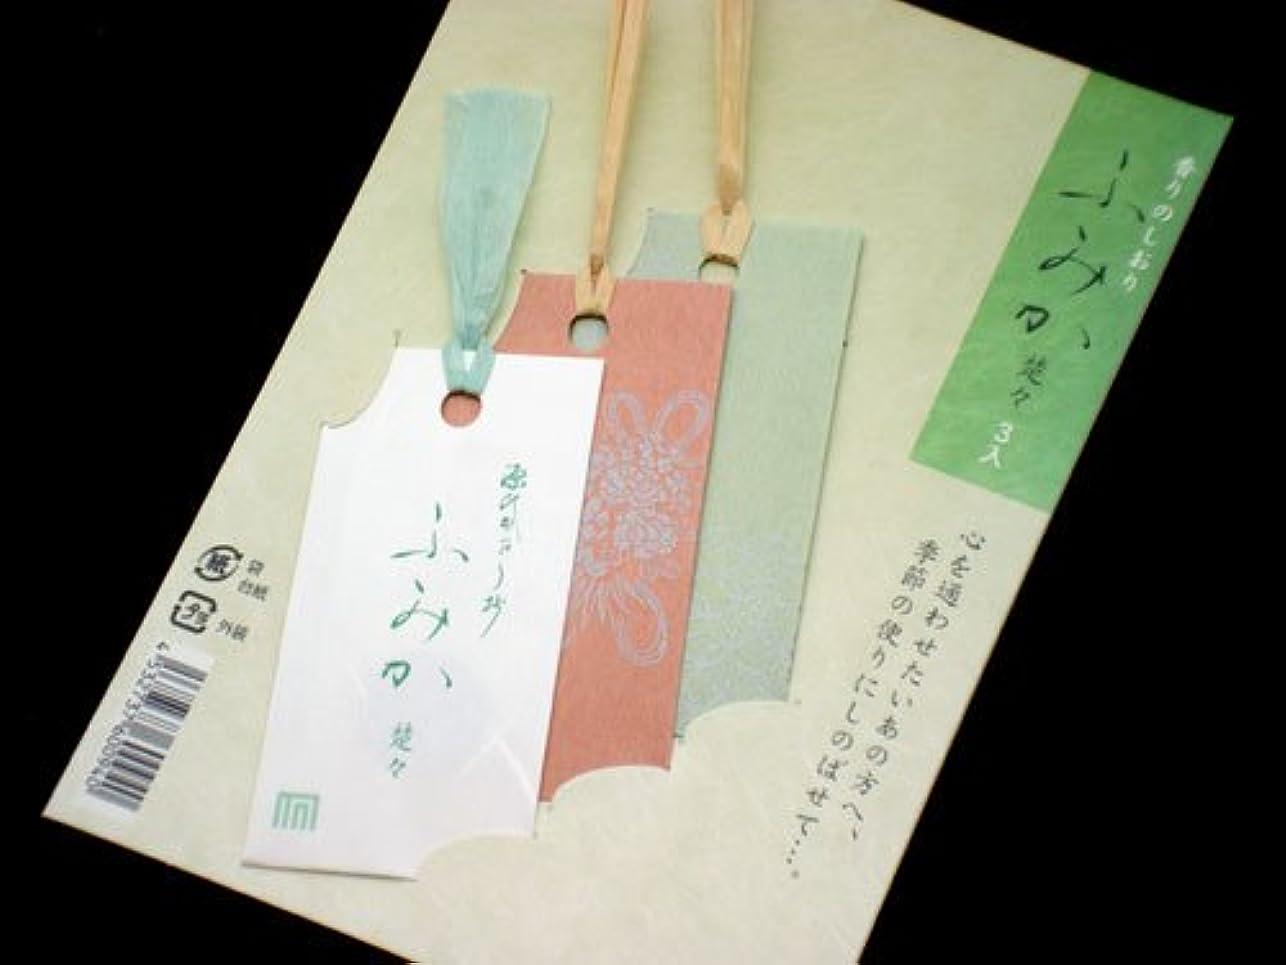 アピール誠意シート松栄堂 源氏かをり抄 ふみか 楚々【しおり】 【文香】